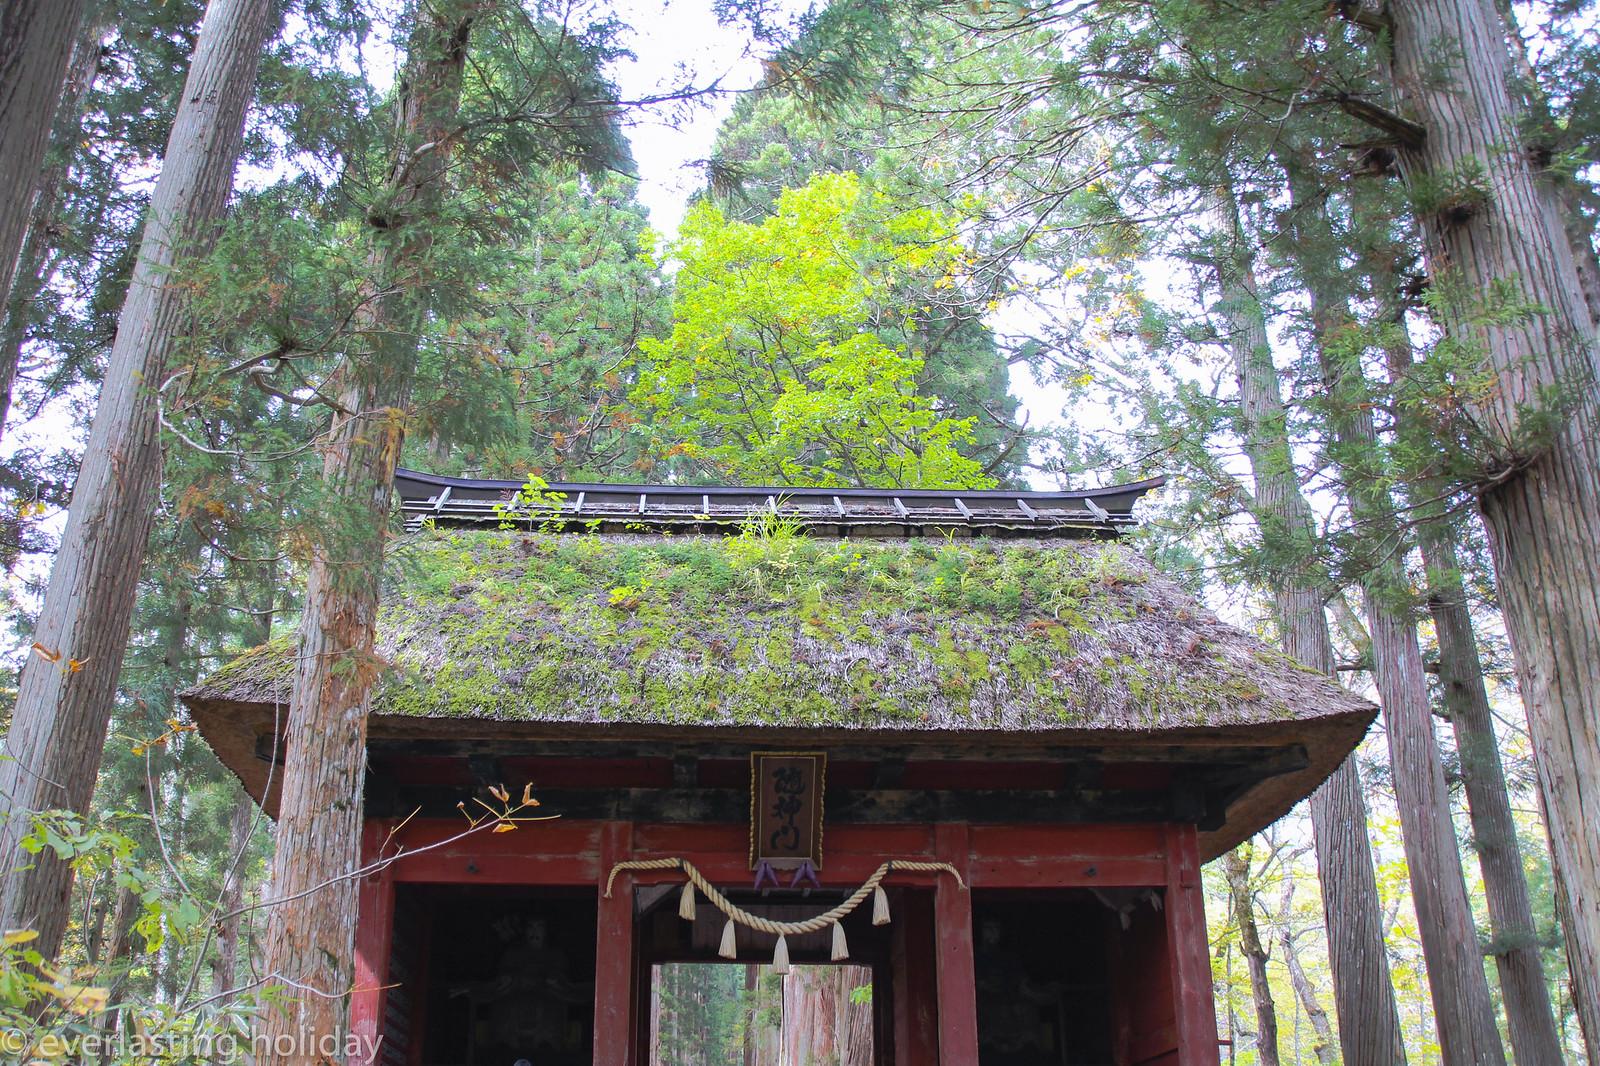 戸隠神社 Togakushi-jinja Shrine-0001